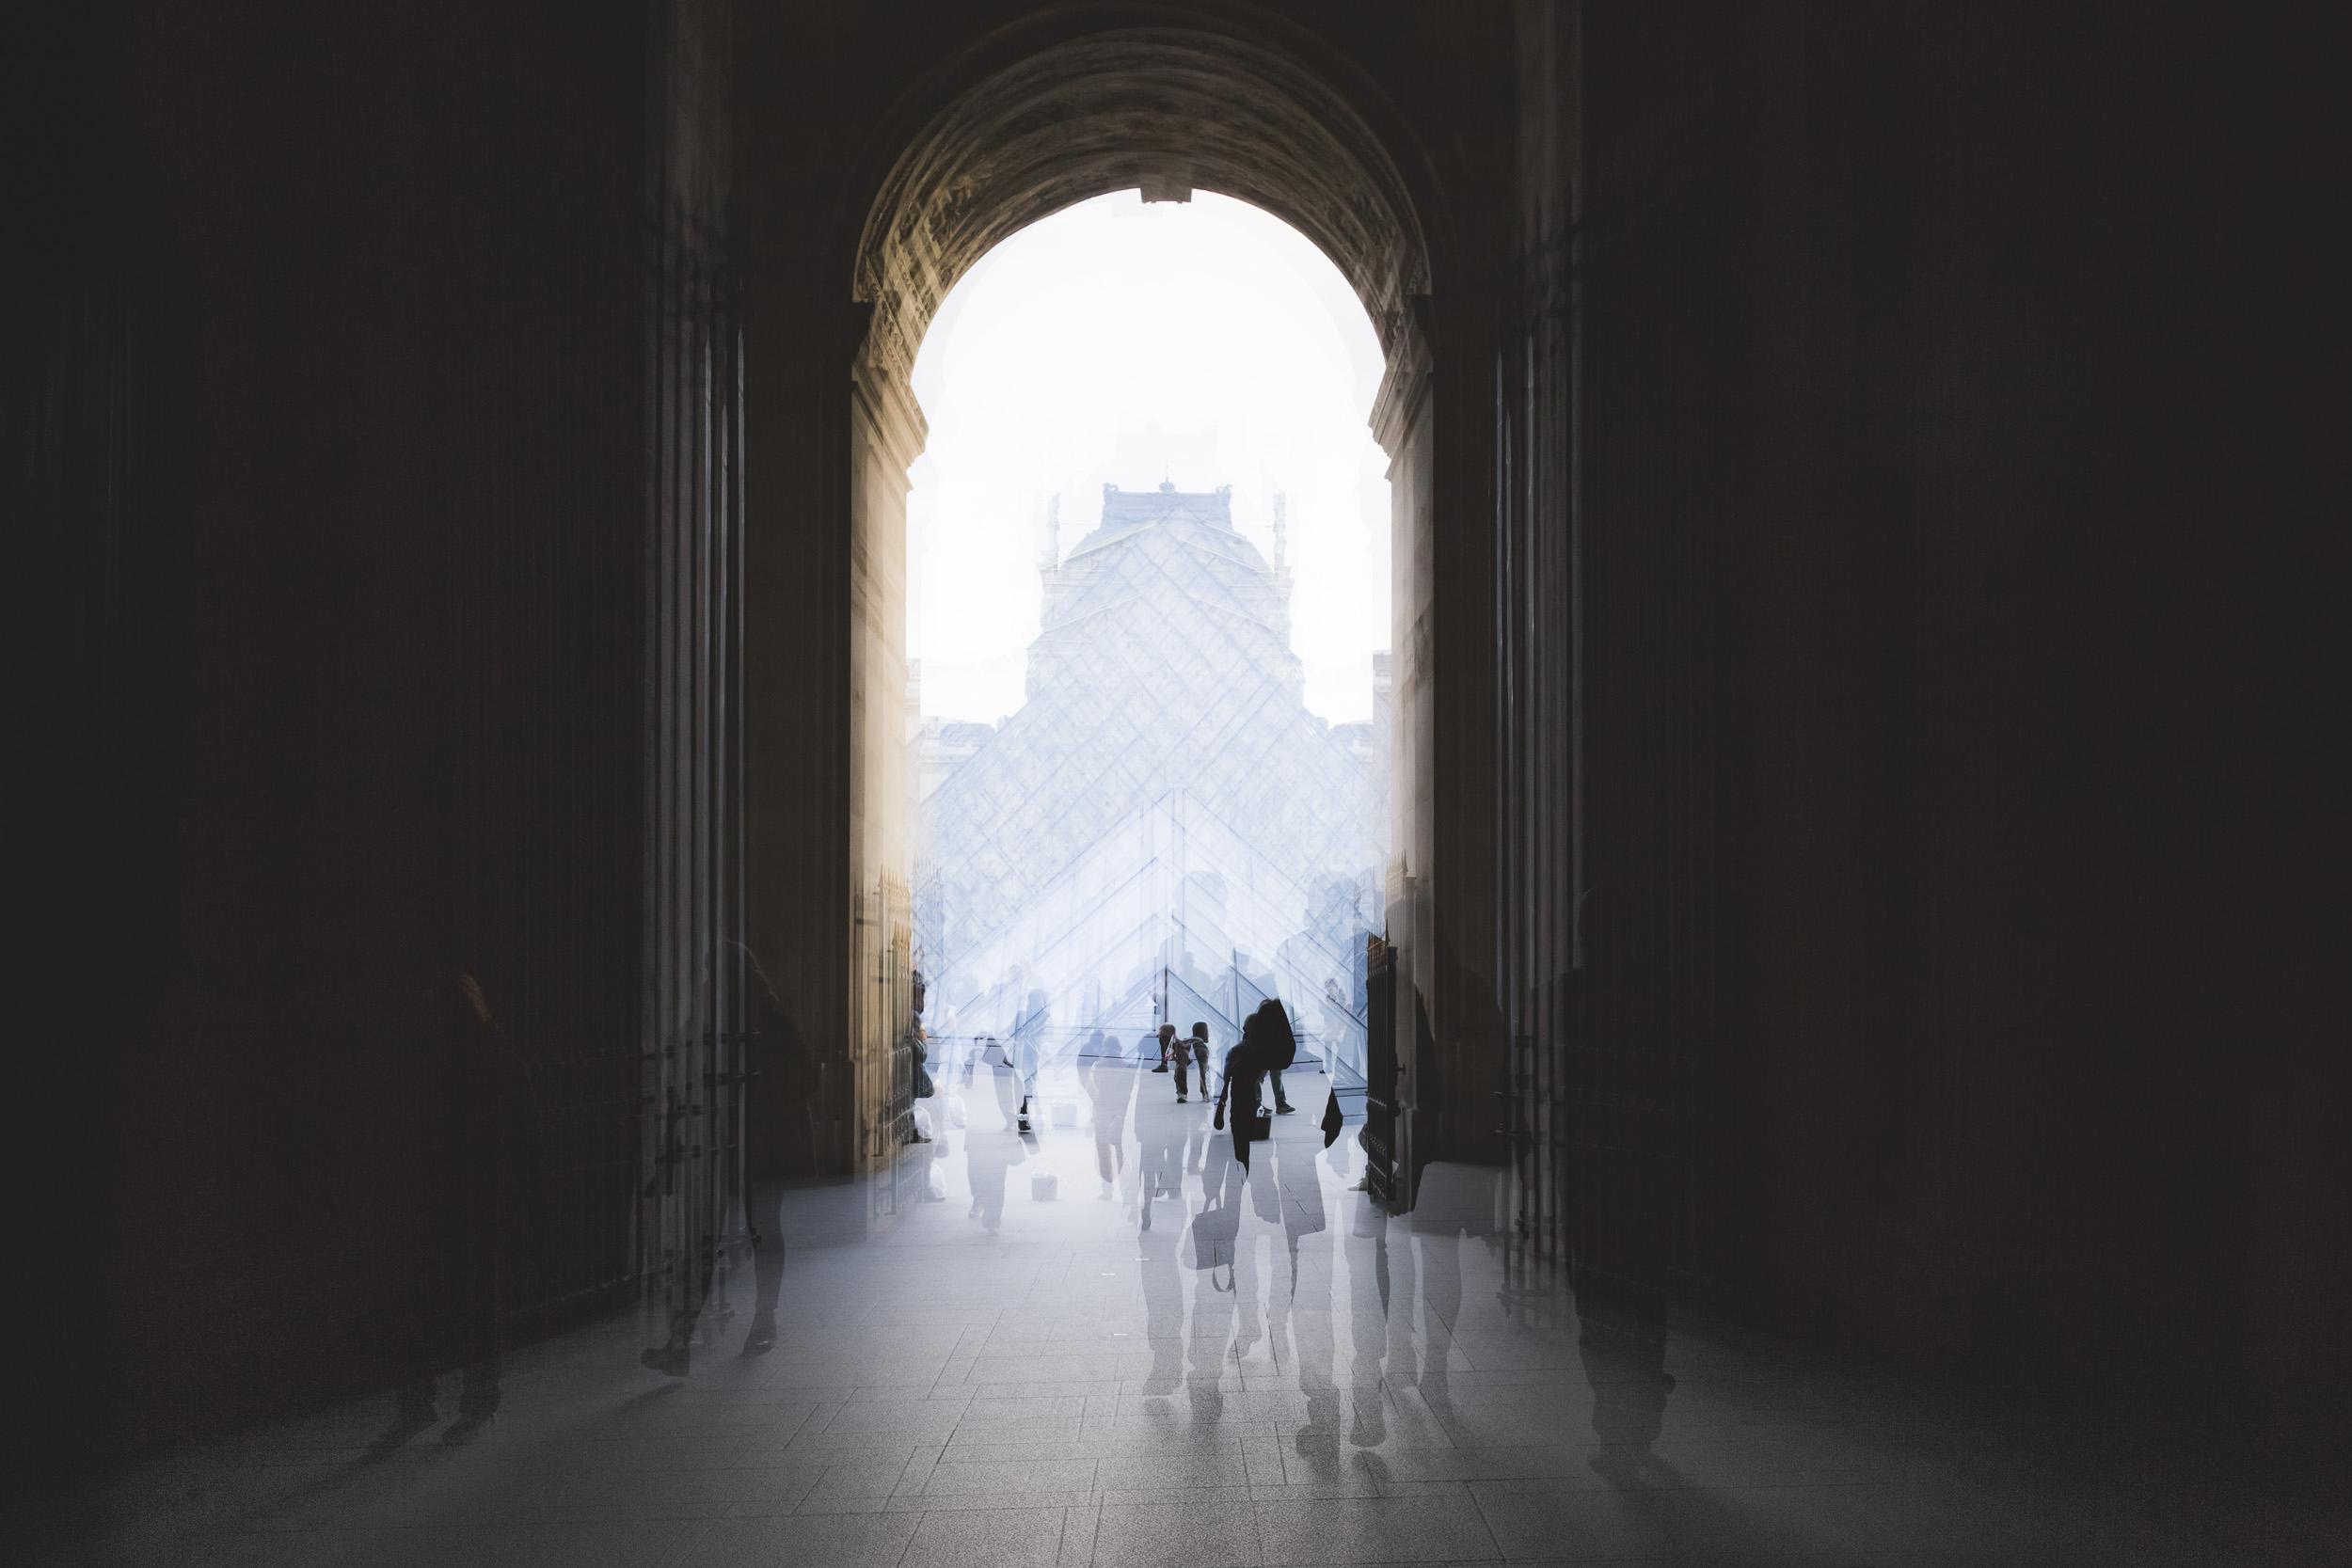 Paris-Louvre-people-walking-dreamlike.jpg